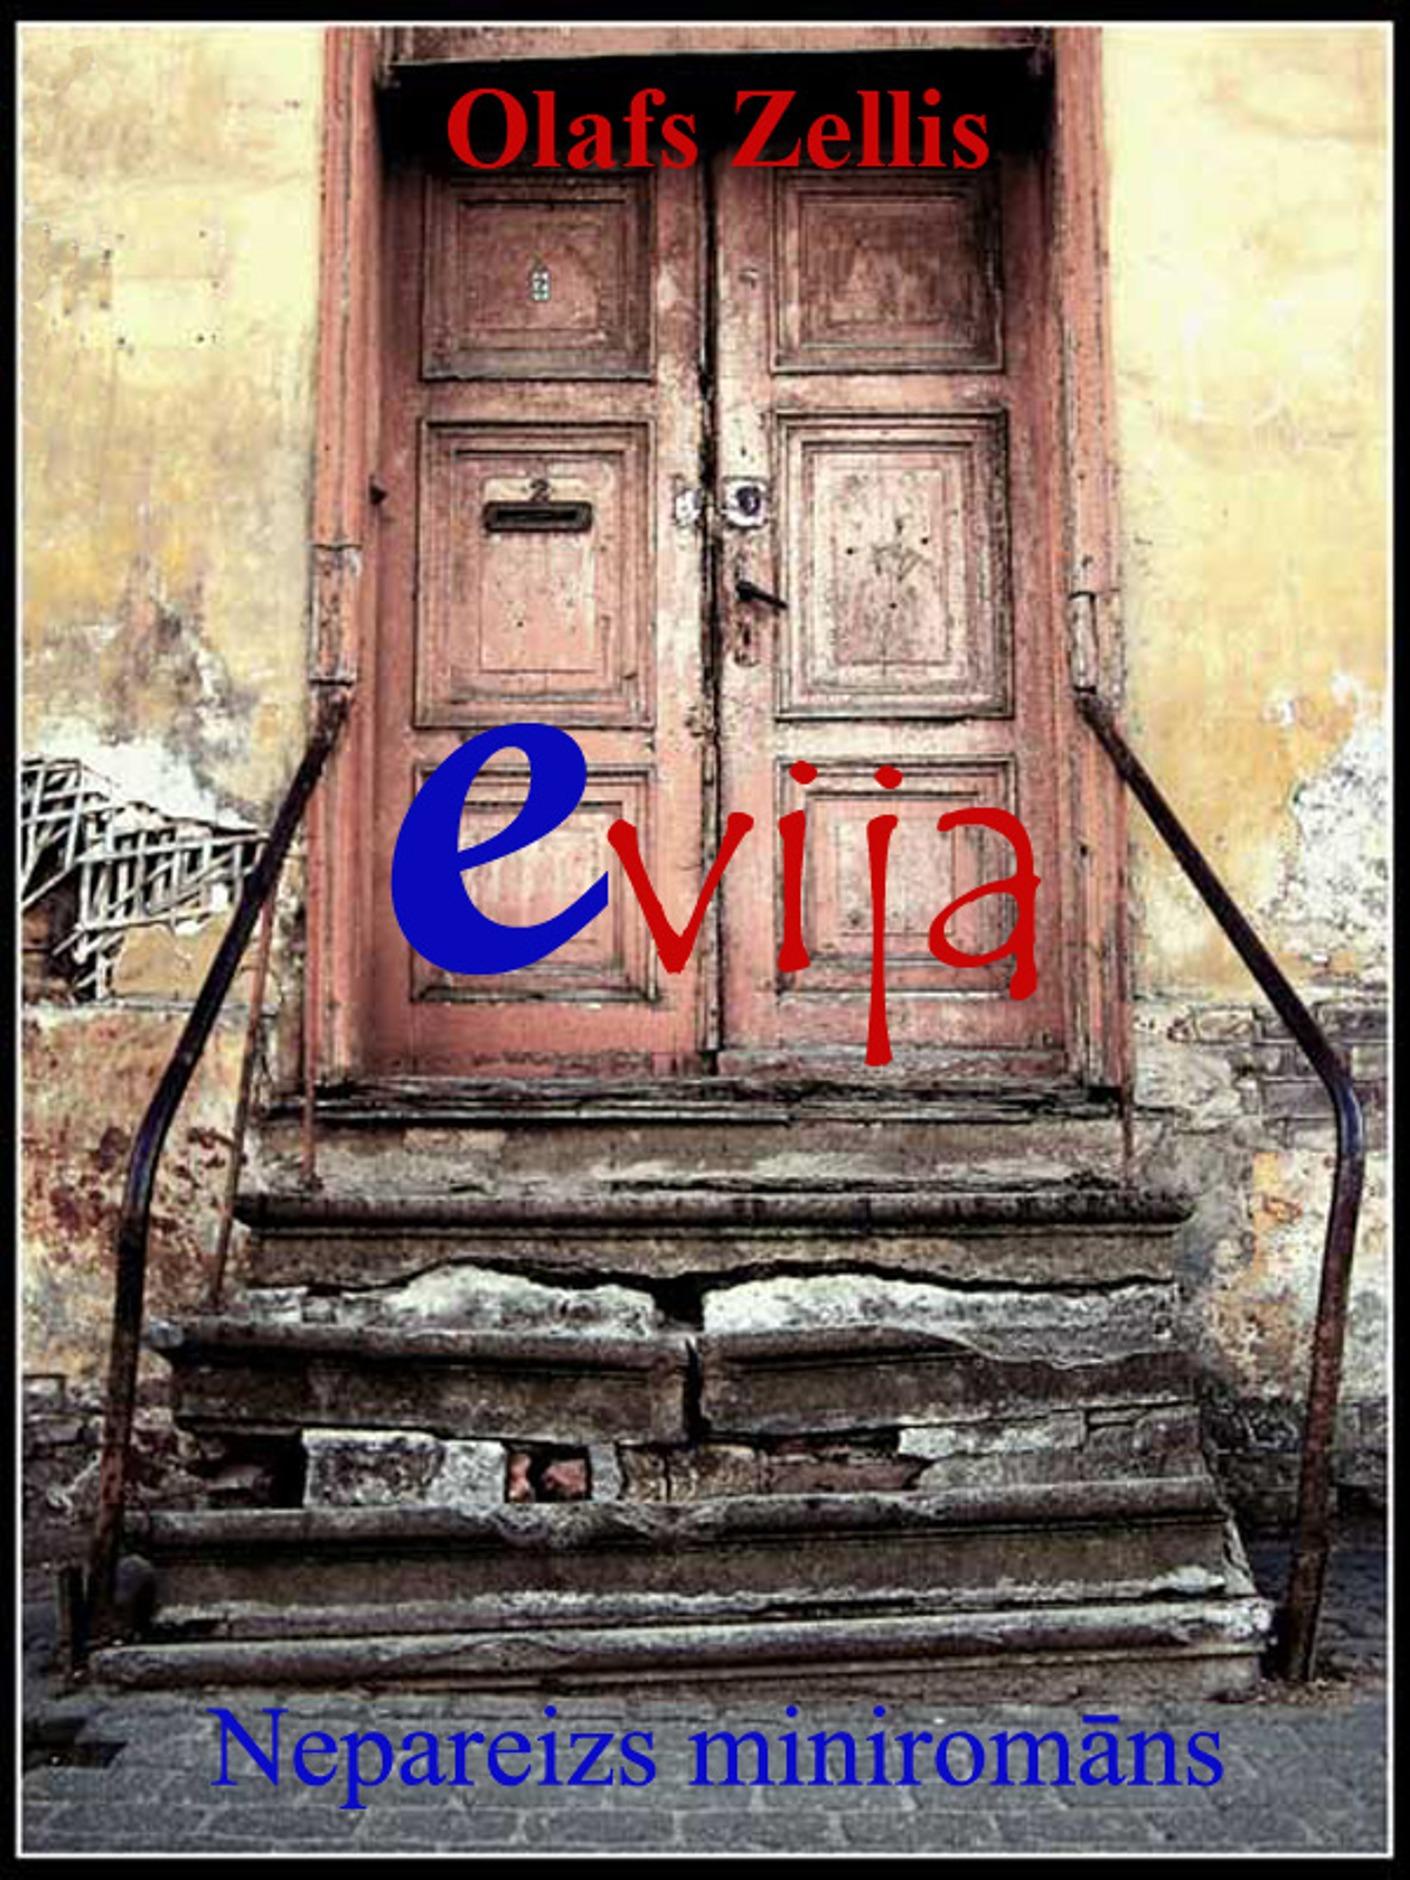 Evija